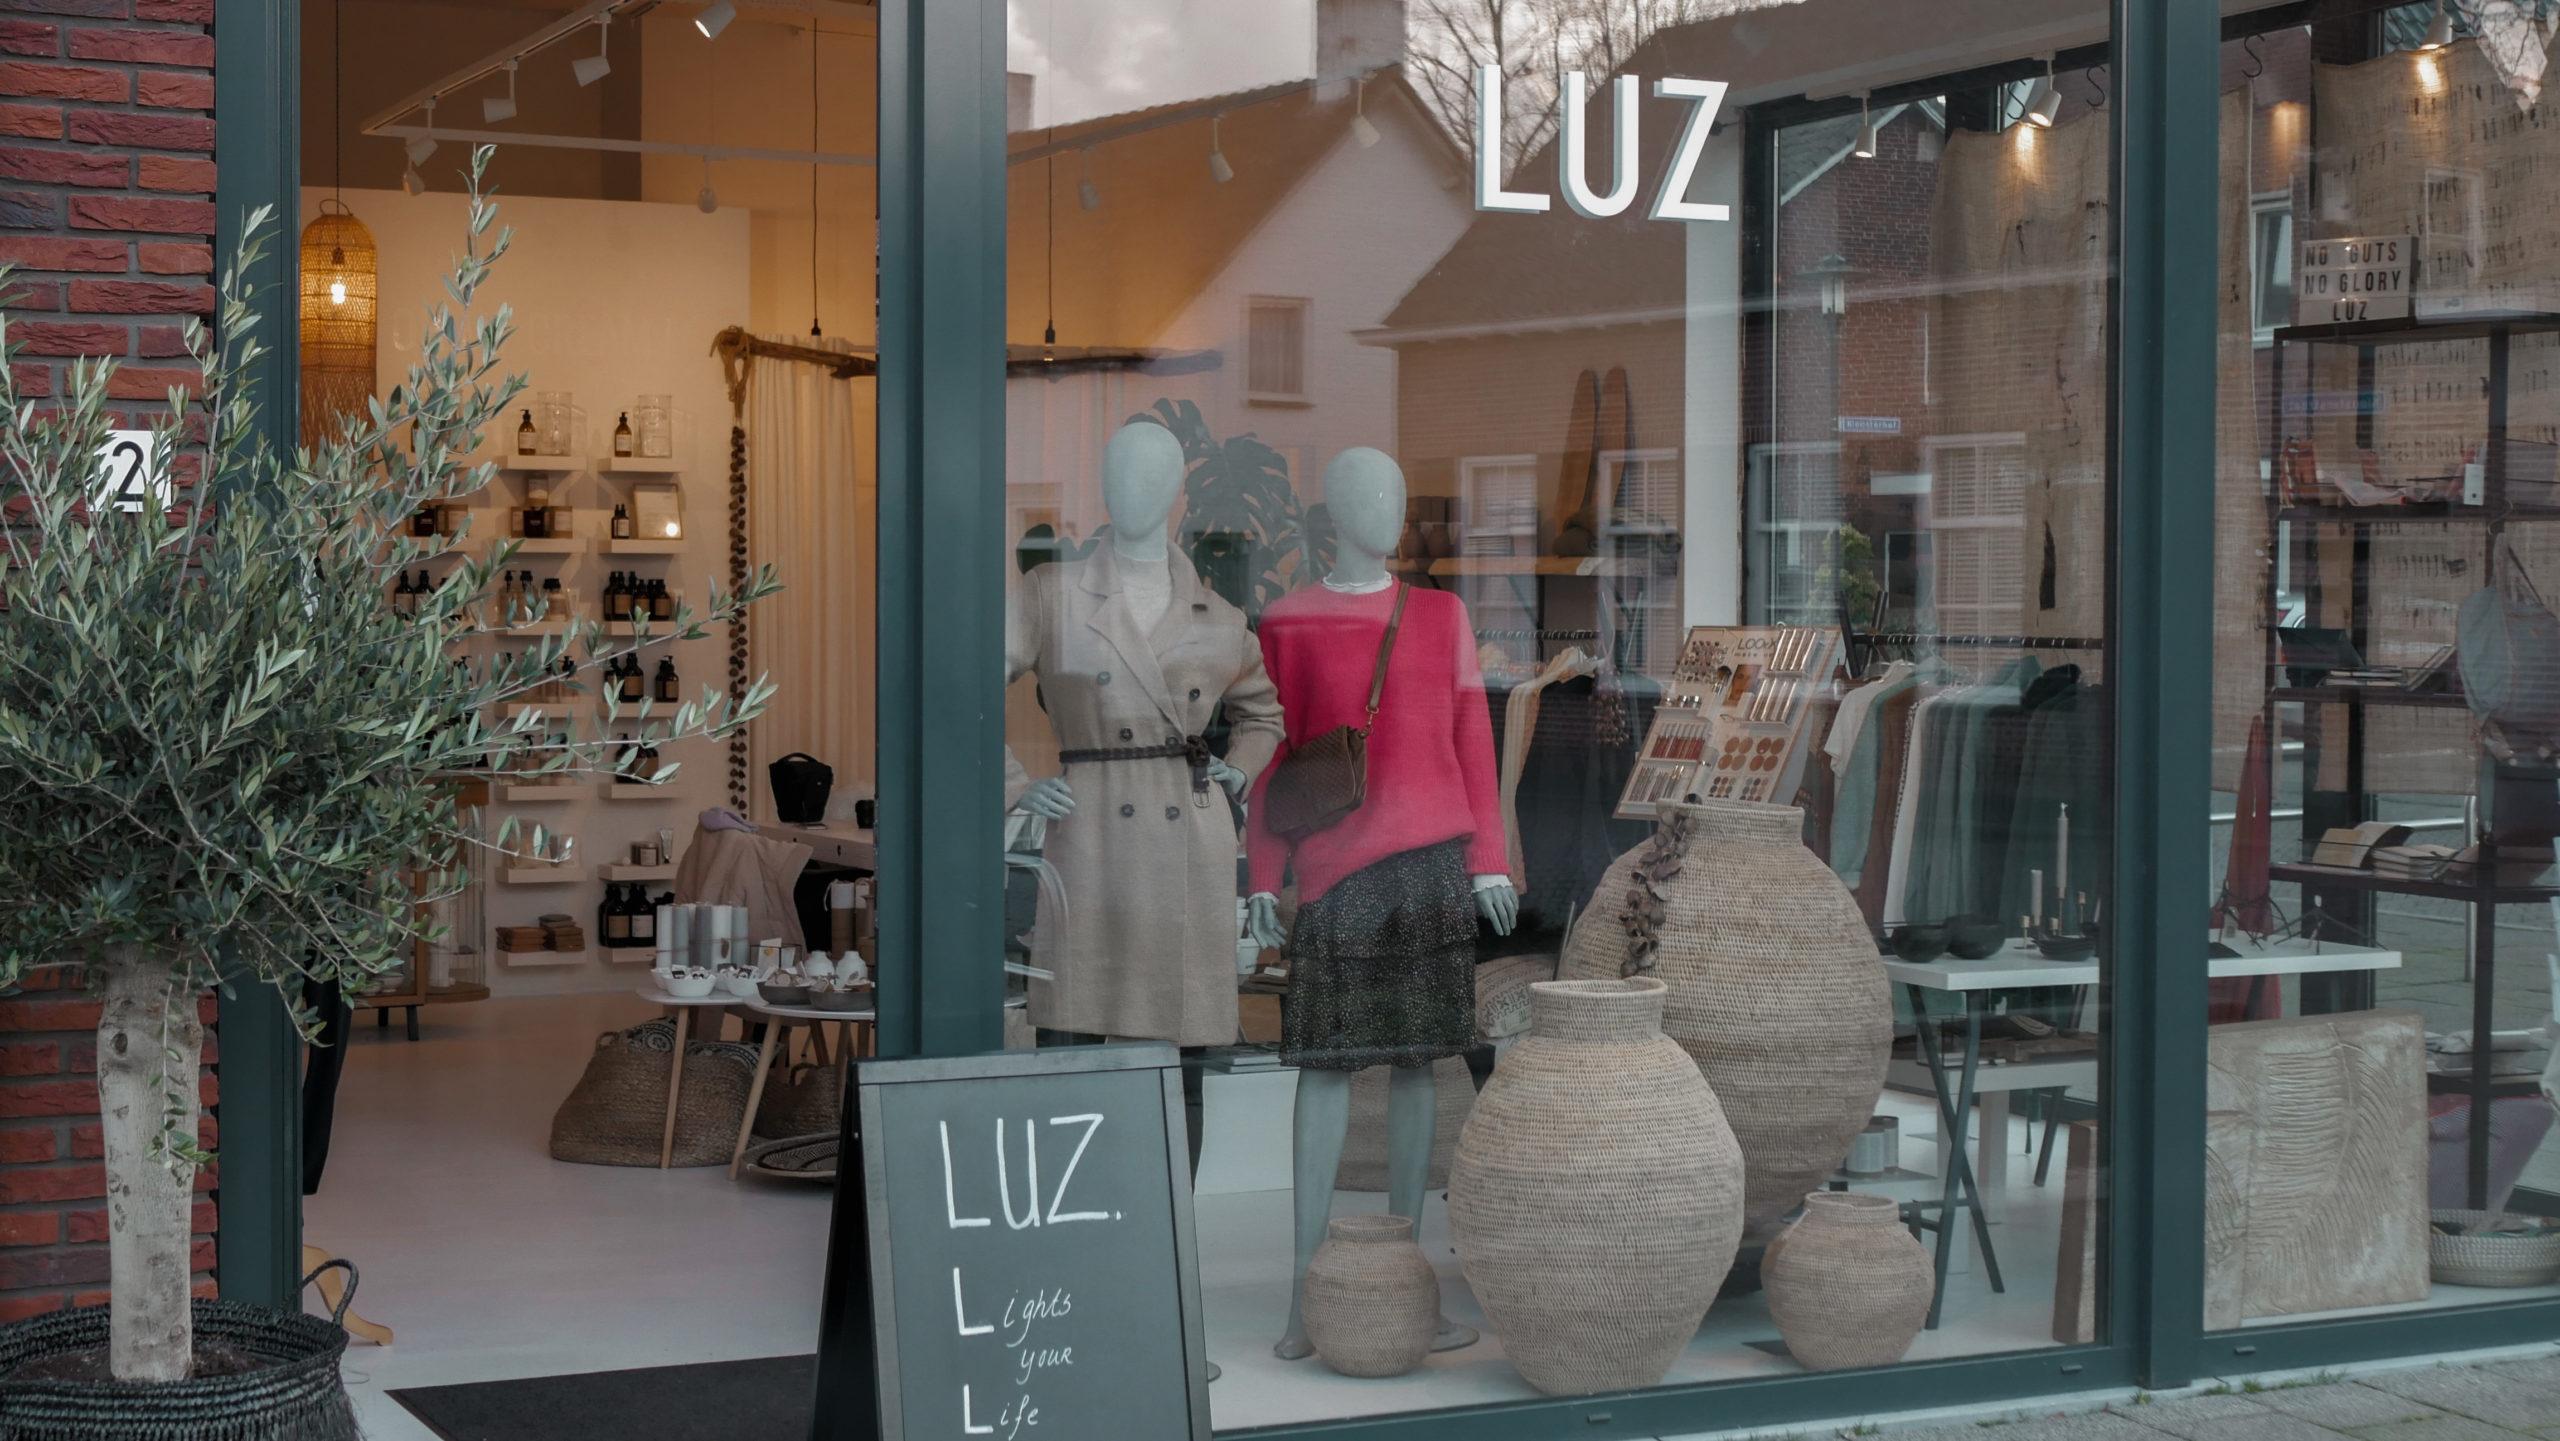 Bij Luzstudio vind je een totaalconcept om jouw vrouwelijkheid kracht bij te zetten